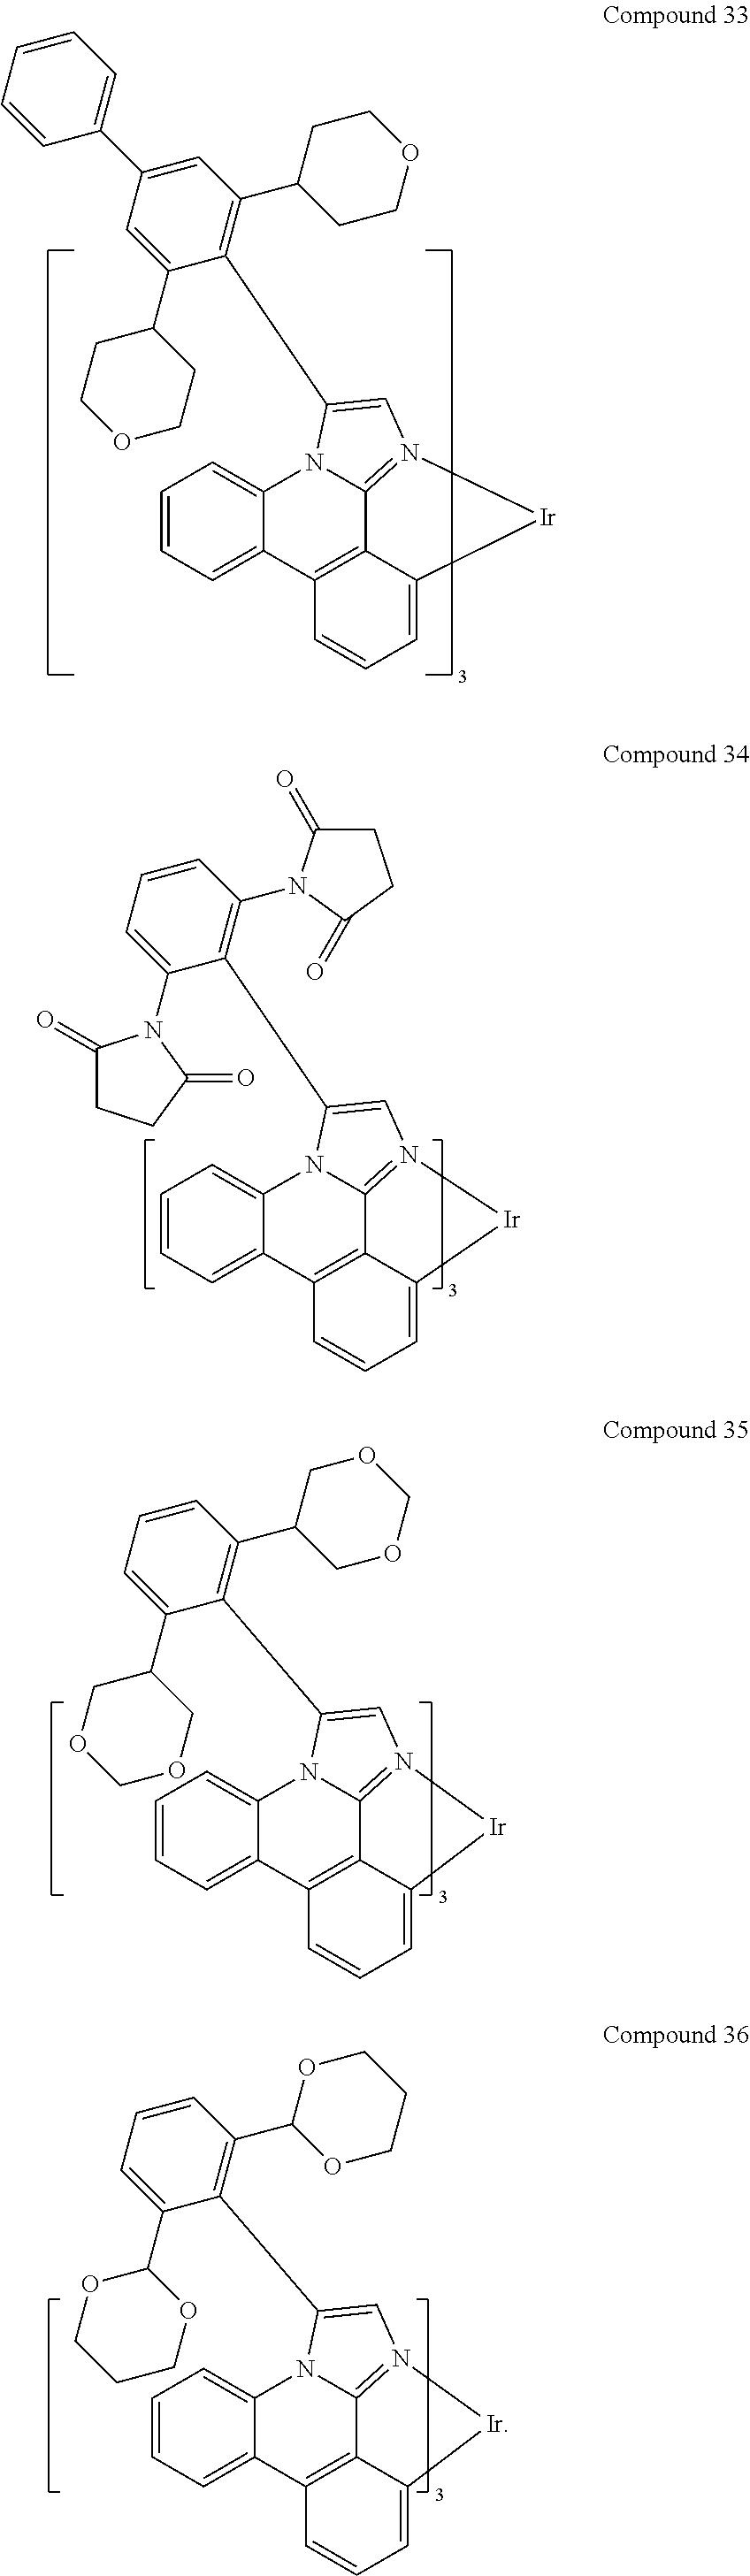 Figure US08815415-20140826-C00015